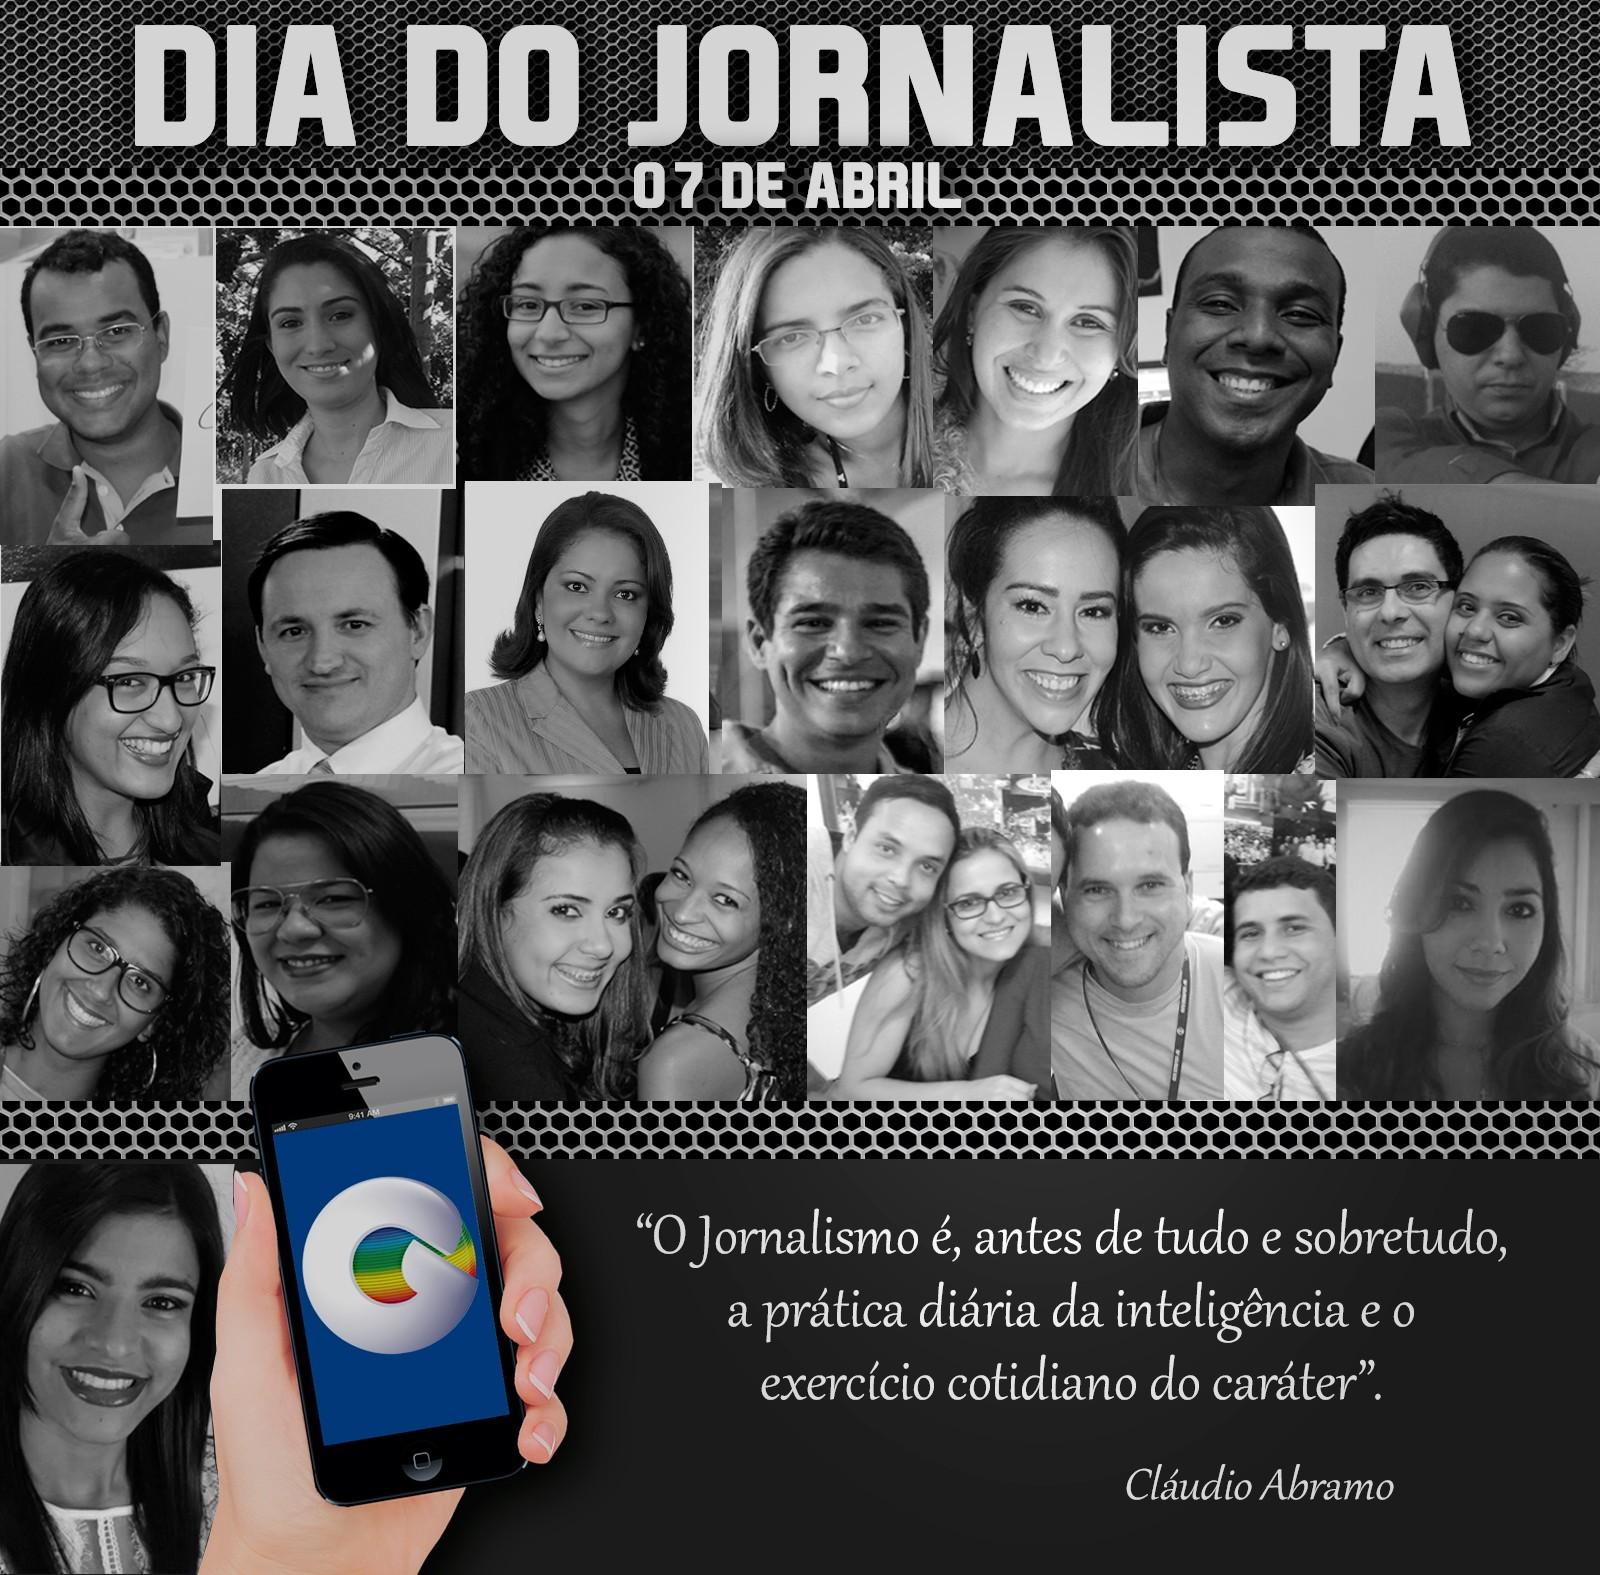 A TV Grande Rio possui 25 jornalistas em seu quadro de profissionais (Foto: Arte TV Grande Rio/ Paulo César)